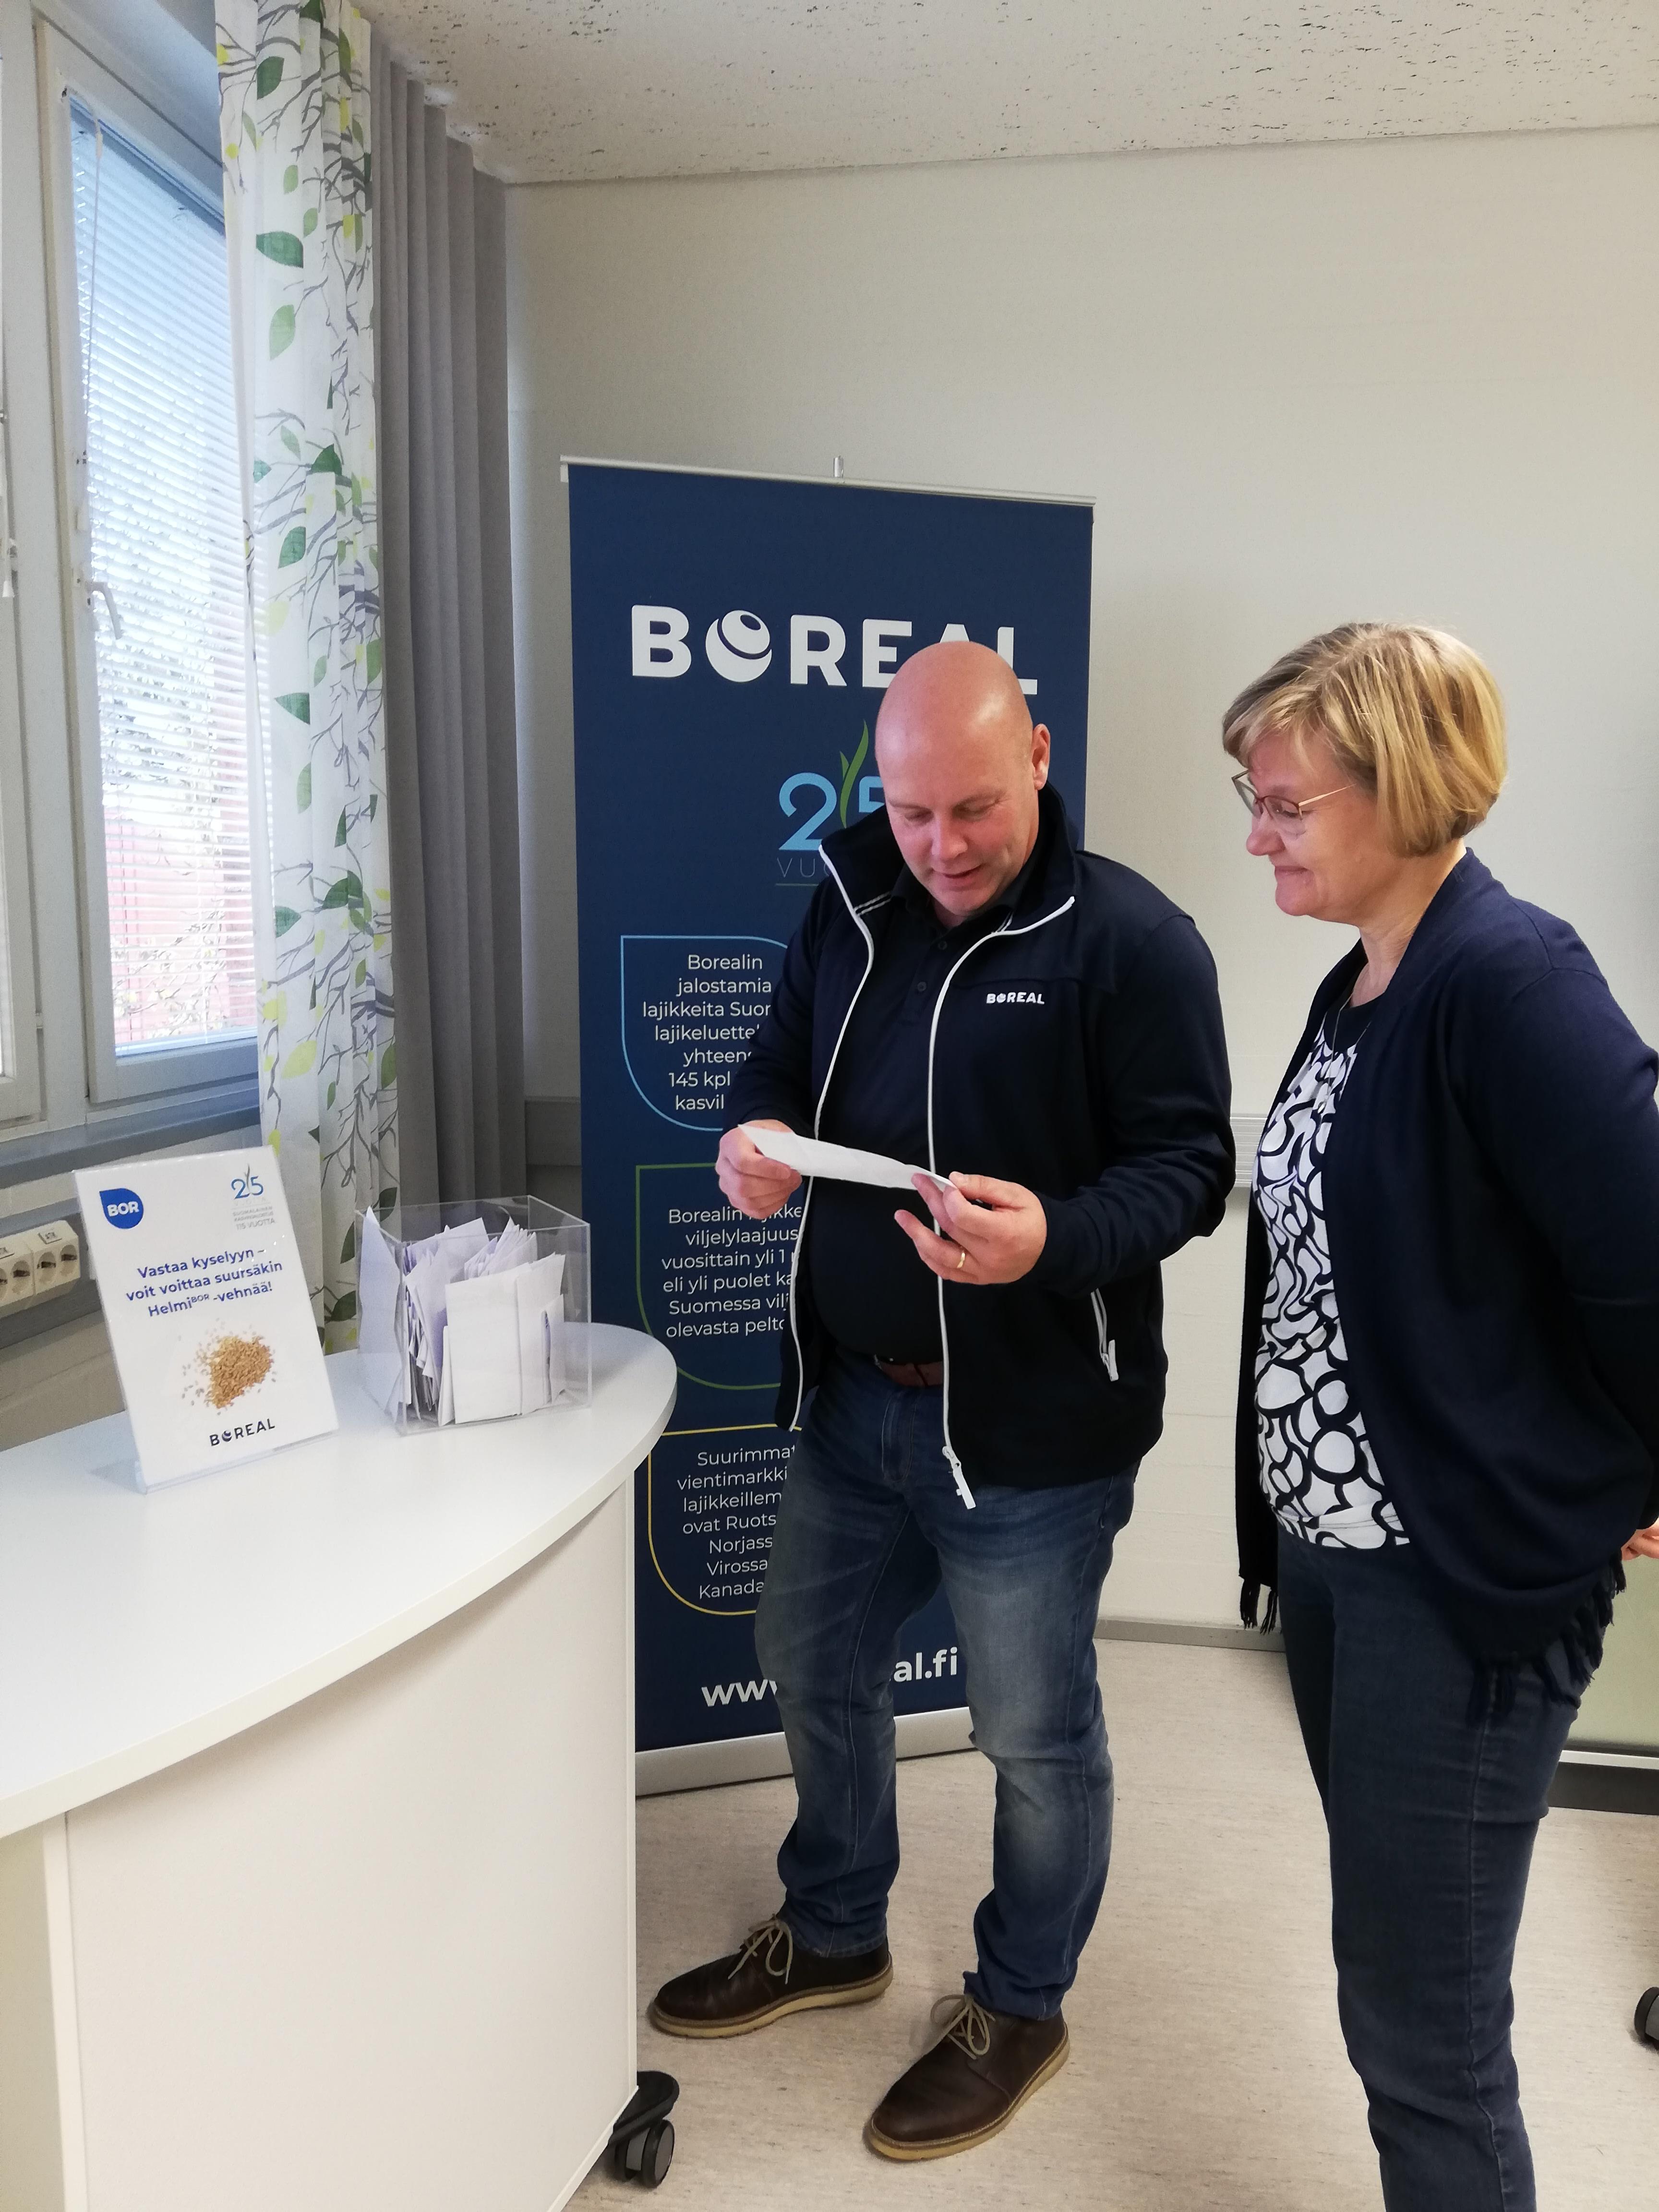 Borealin koetoimintapäällikkö ja vehnänjalostaja Mika Hyövelä nosti arvontalaatikosta voittajakupongin, ja jalostusjohtaja Merja Veteläinen tarkisti voittajan tiedot.